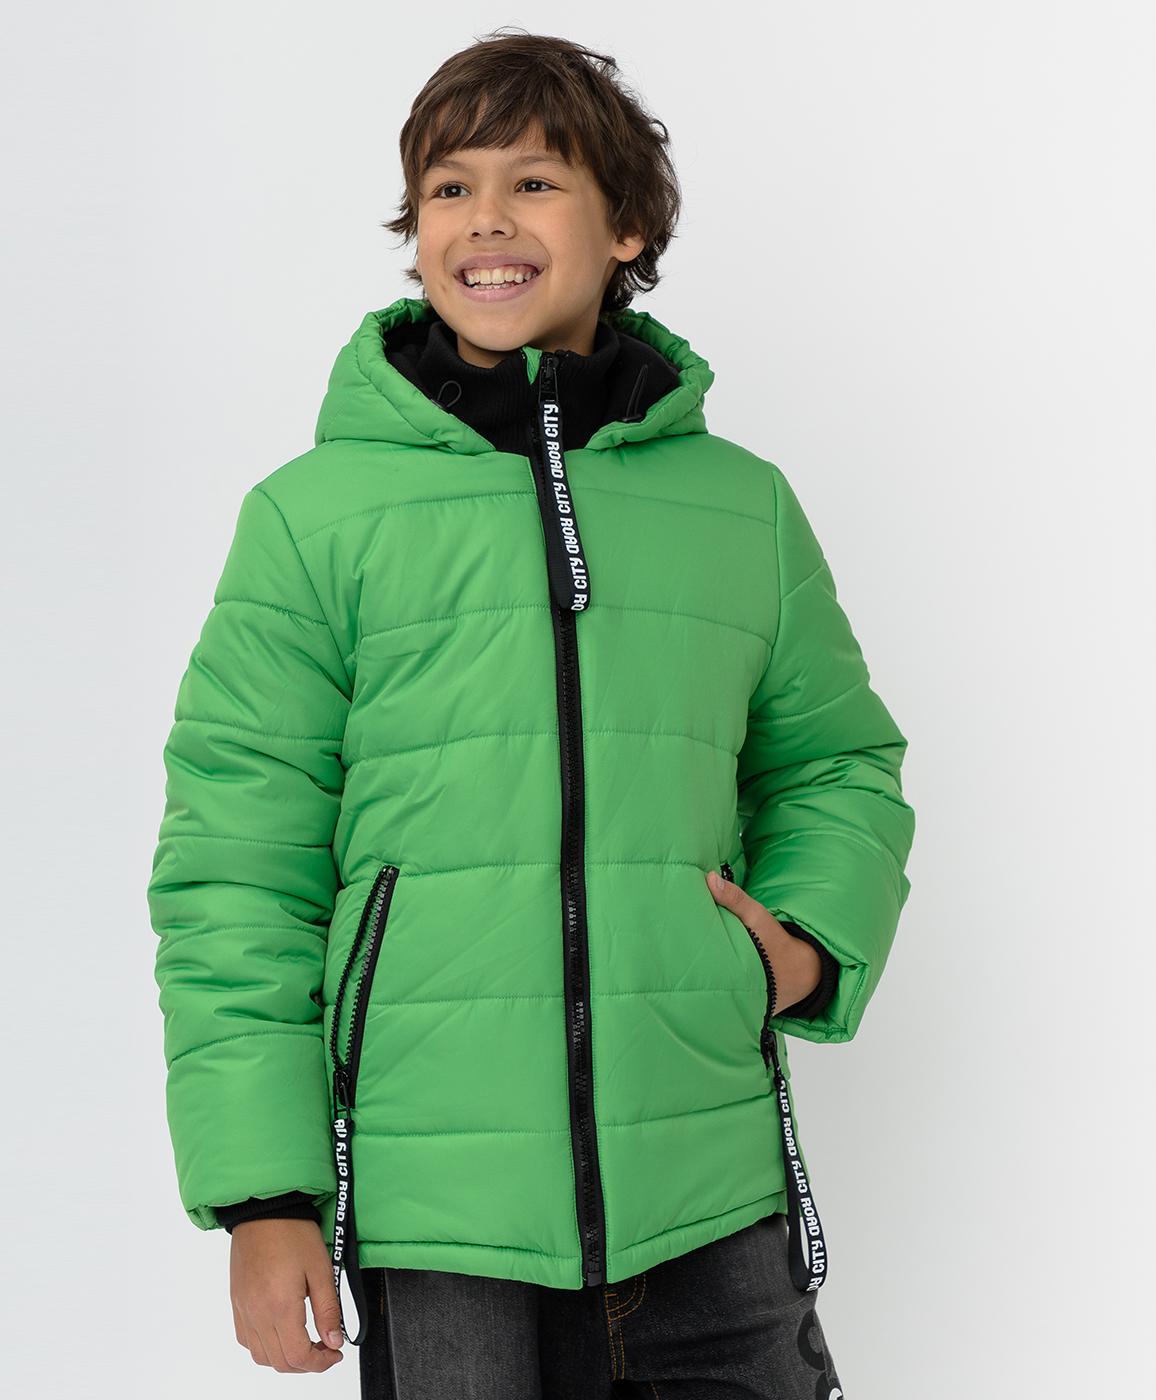 Купить 220BBBJC41024800, Зеленая зимняя куртка Button Blue, зеленый, 158, Полиэстер, Мужской, Зима, ОСЕНЬ/ЗИМА 2020-2021 (shop: GulliverMarket Gulliver Market)